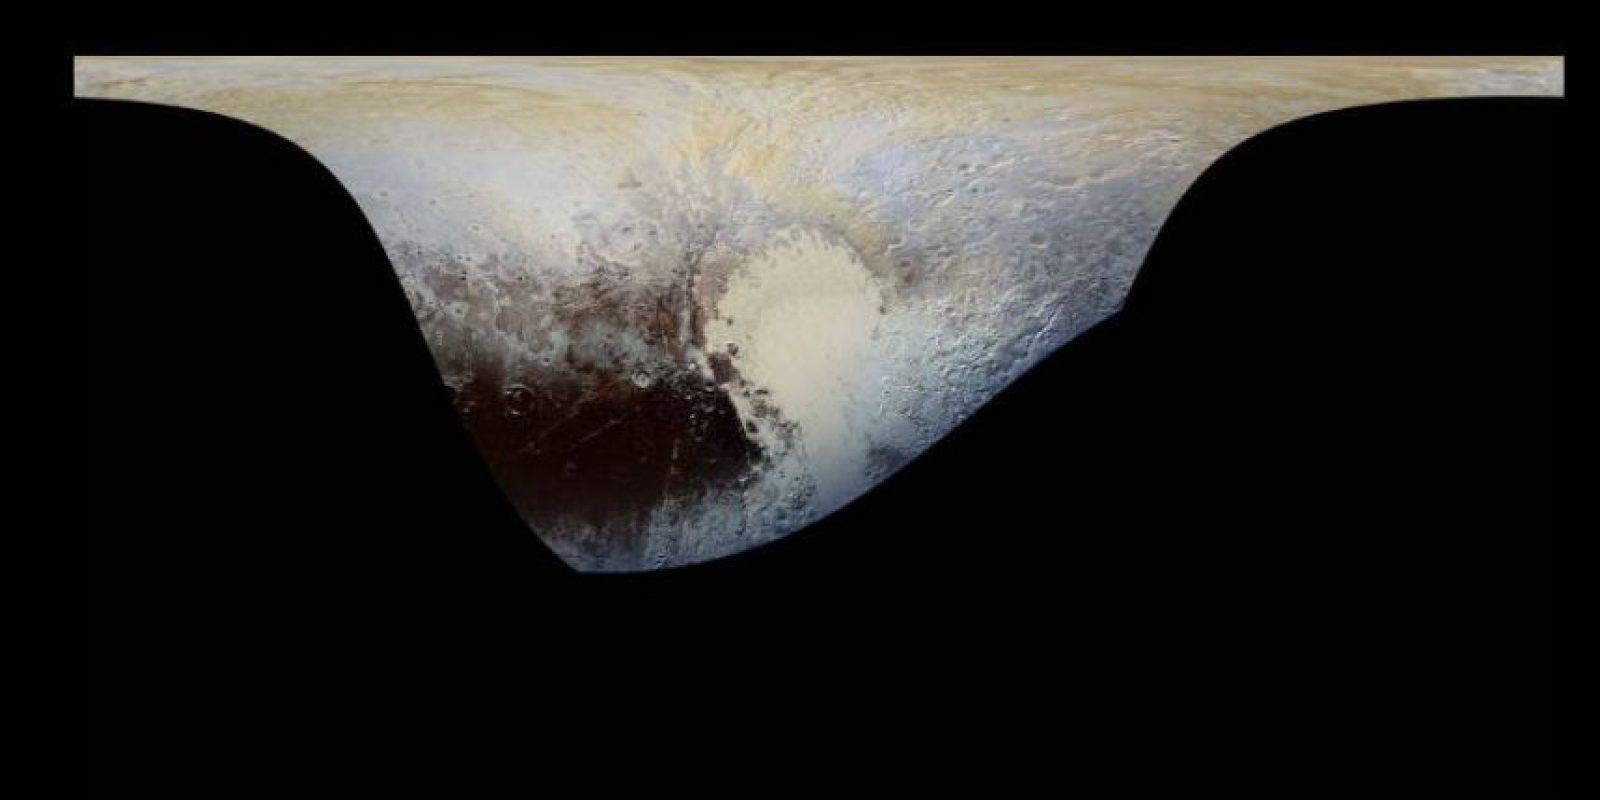 Nunca se habían hecho imágenes de los colores de Plutón tan detalladas. Foto:Vía nasa.gov